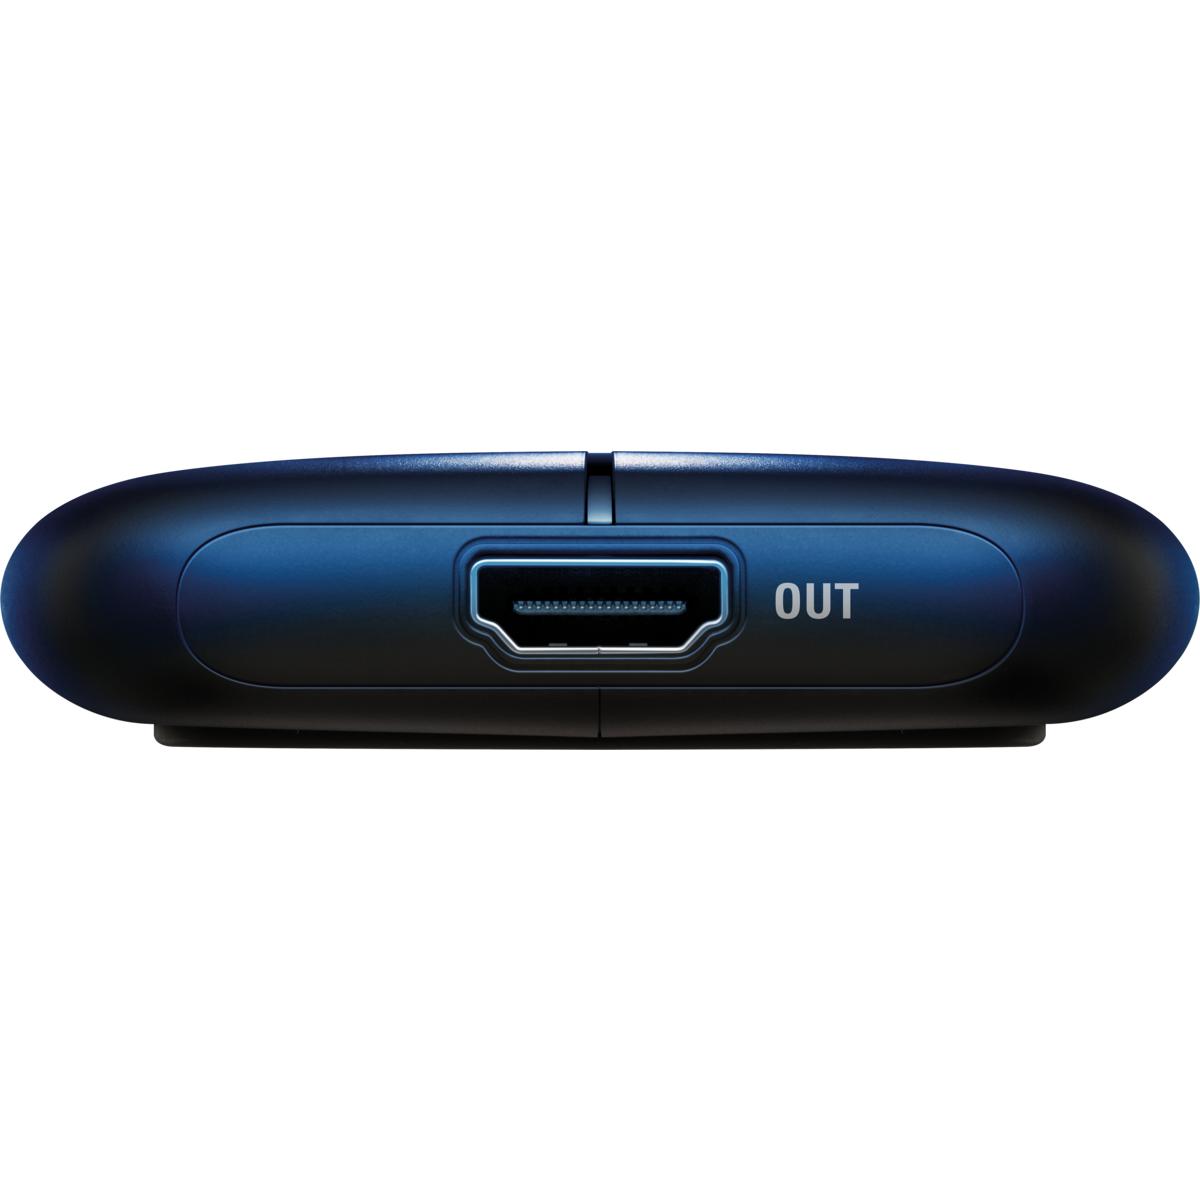 Външен кепчър Elgato HD60 S+ USB 3.0 (Type-C)-3